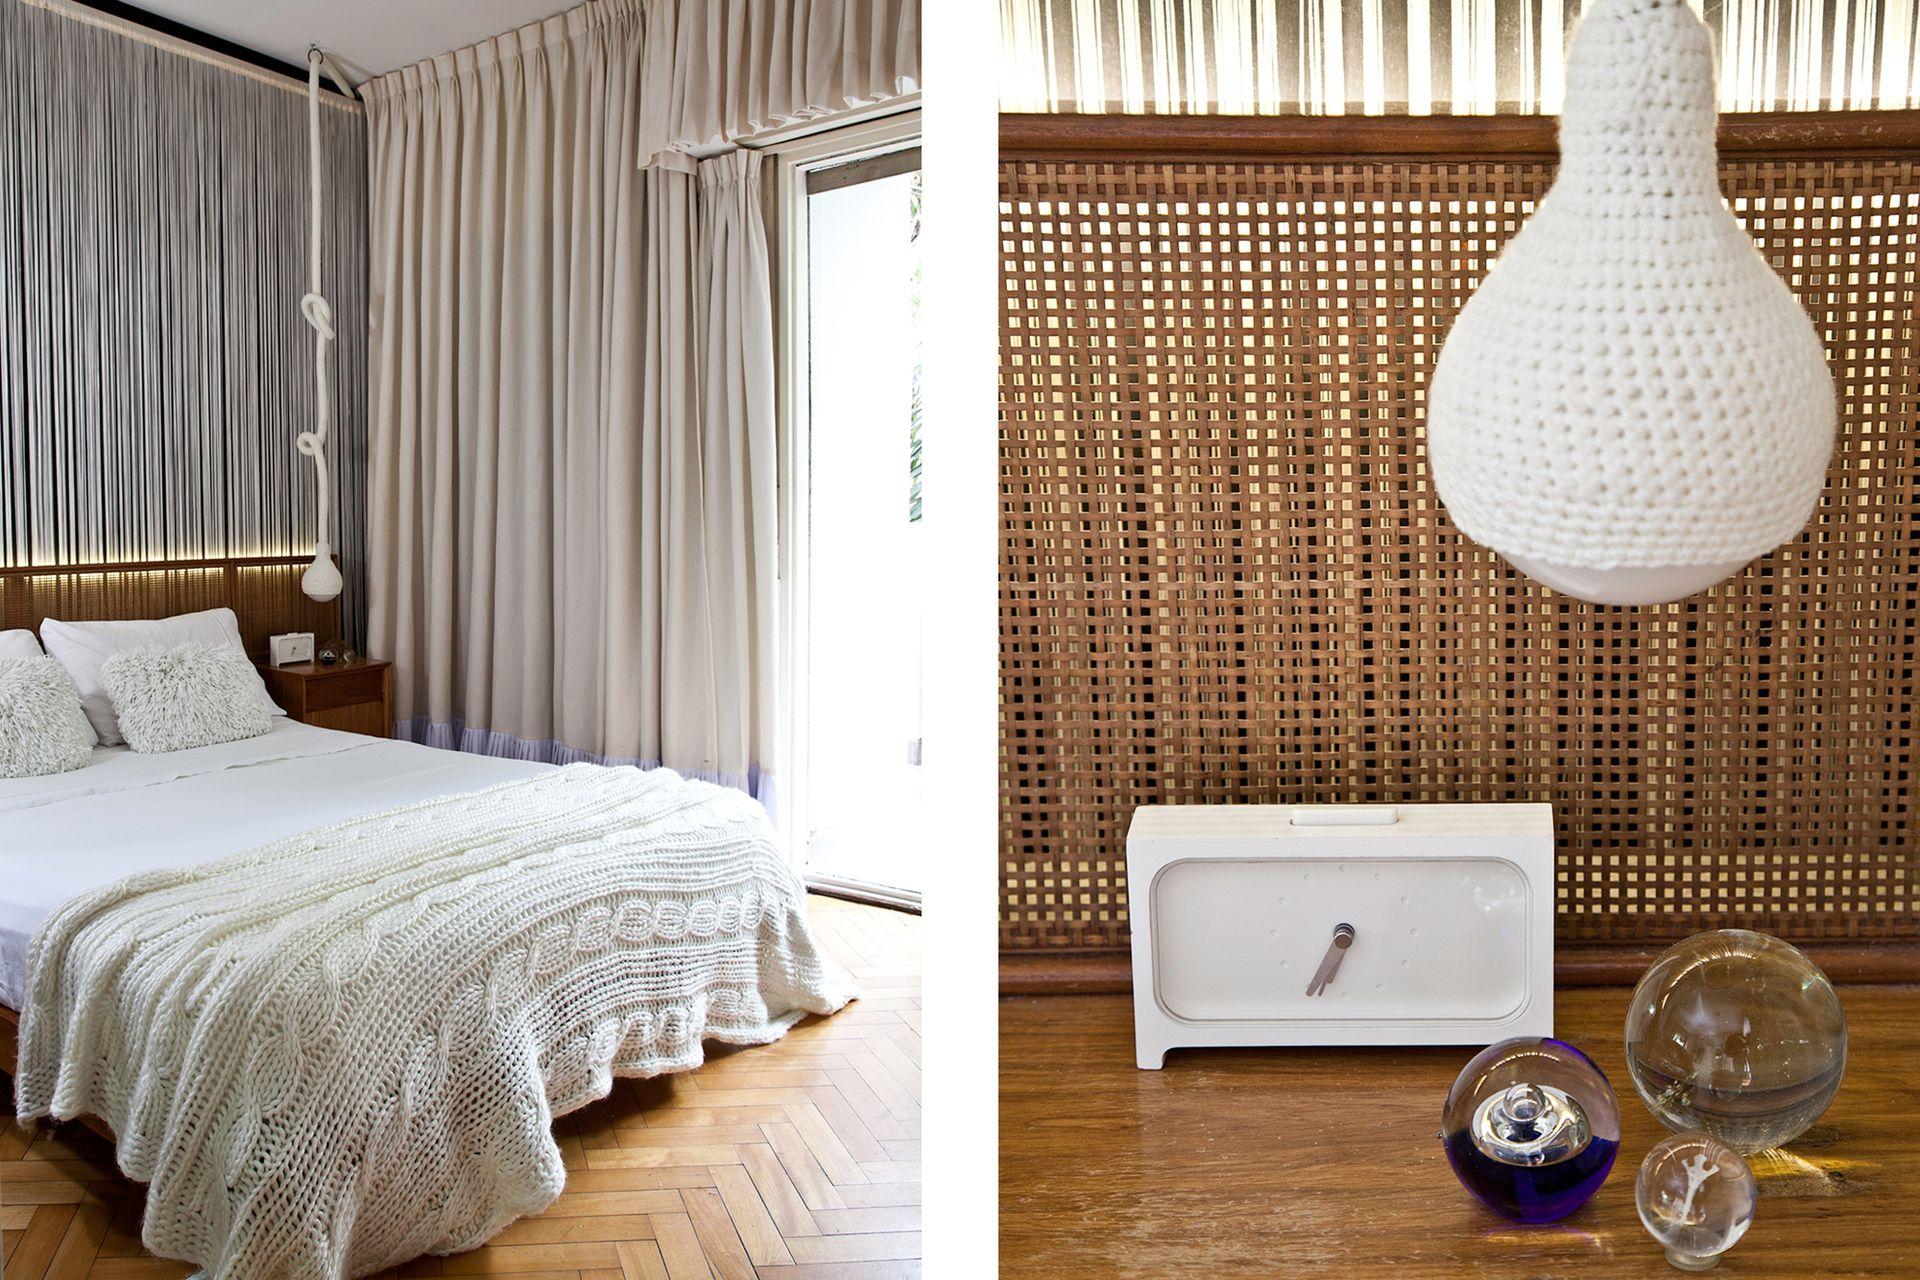 Lámpara que tejió la mamá de un amigo y cama de los 60 con respaldo de esterilla que genera un simpático efecto 3D junto con la cortina de flecos.